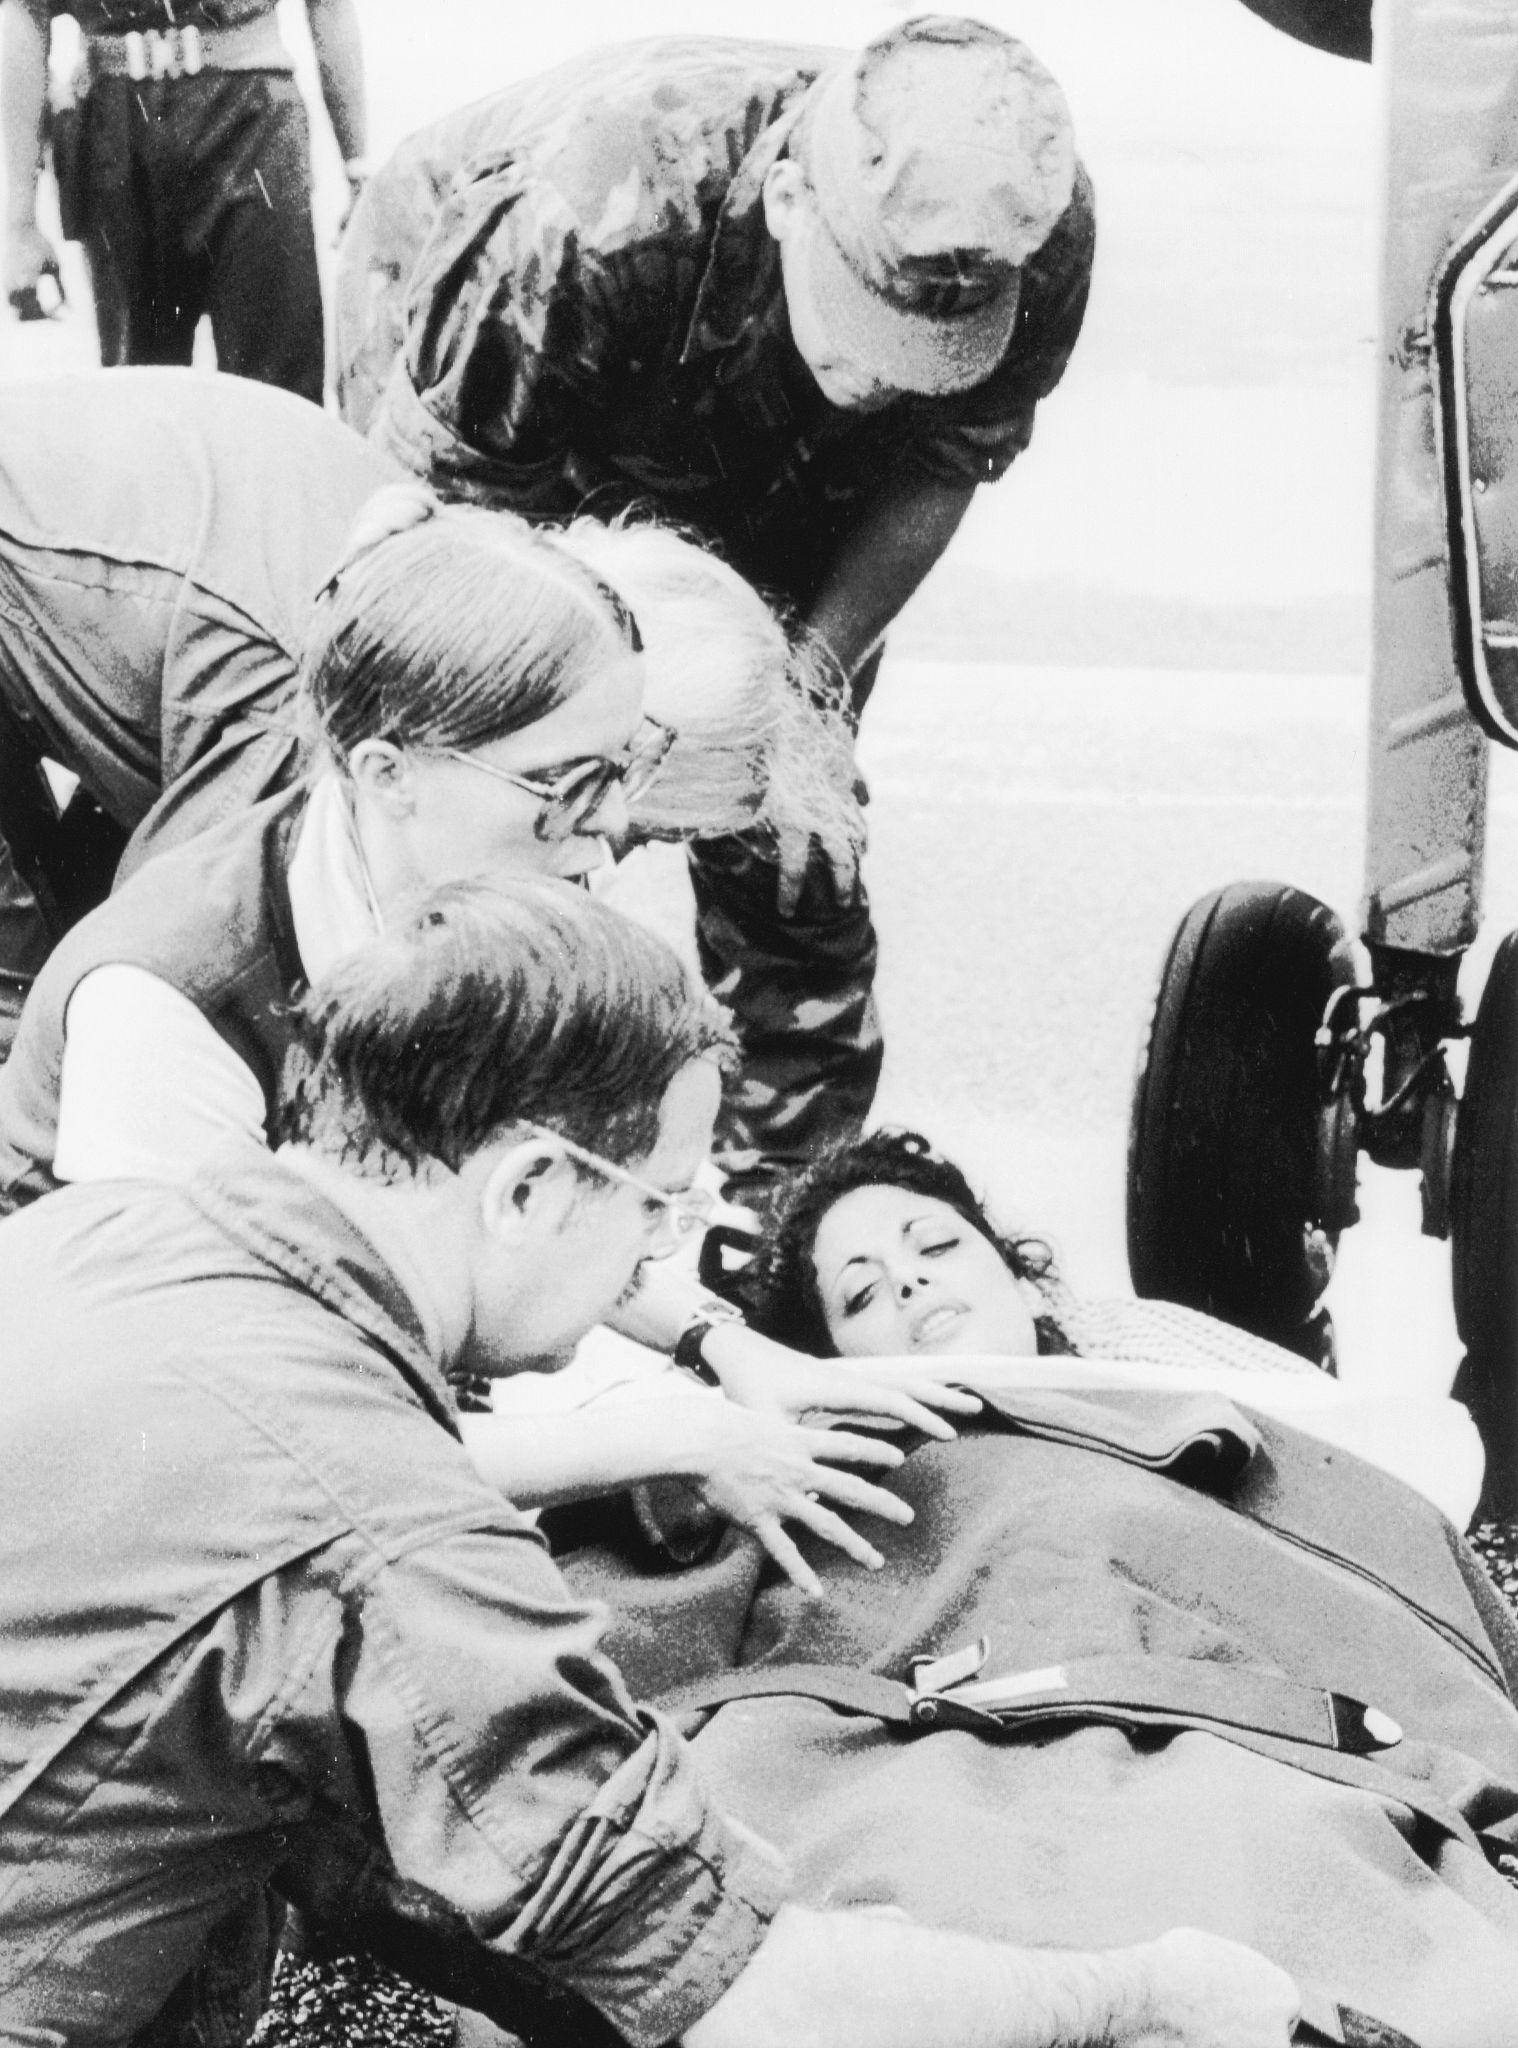 1978. Джеки Шпейер, помощник конгрессмена Лео Райана, был увезен из самолета в Джорджтауне 19 ноября  года после его прибытия из Джонстауна, где Шпейер…